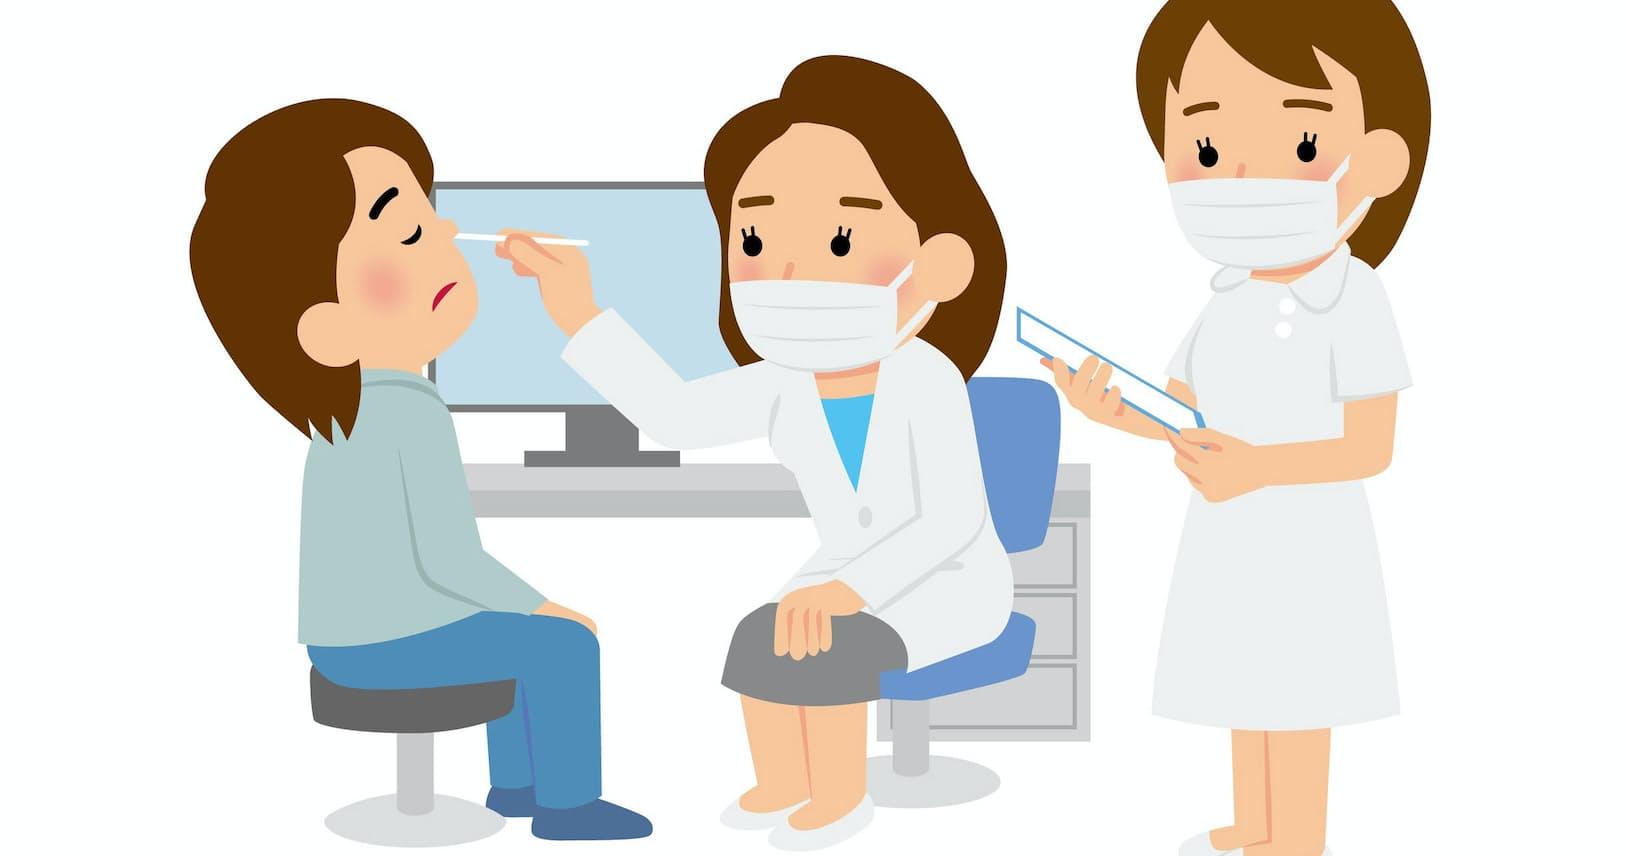 マスク代×、PCR検査は△ 年末は医療費控除を確認|WOMAN SMART|NIKKEI STYLE